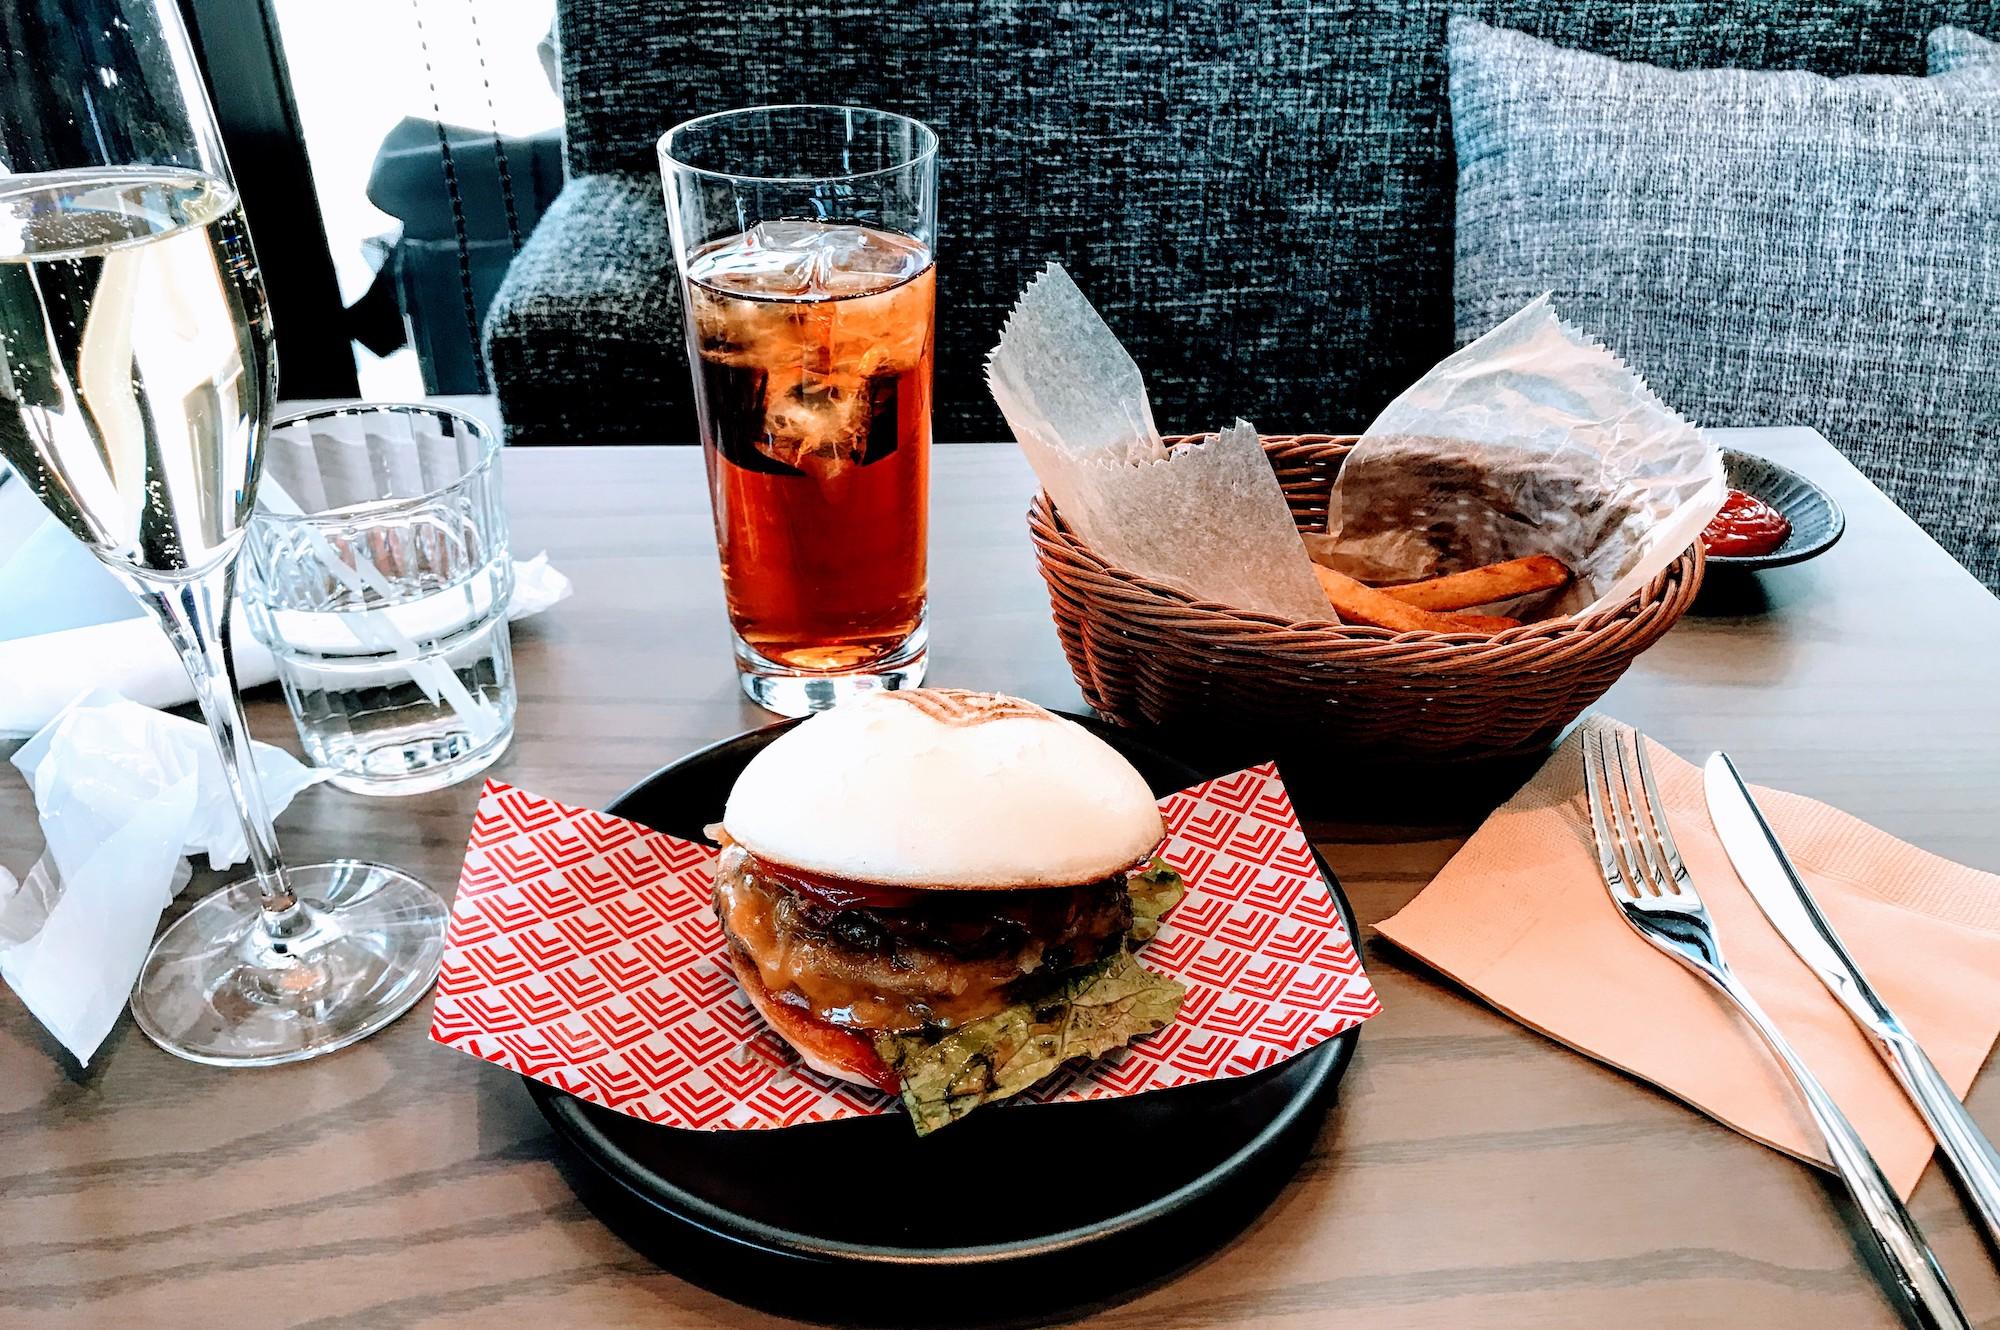 「CÉ LA VI(セラヴィ)」東京のハンバーガー